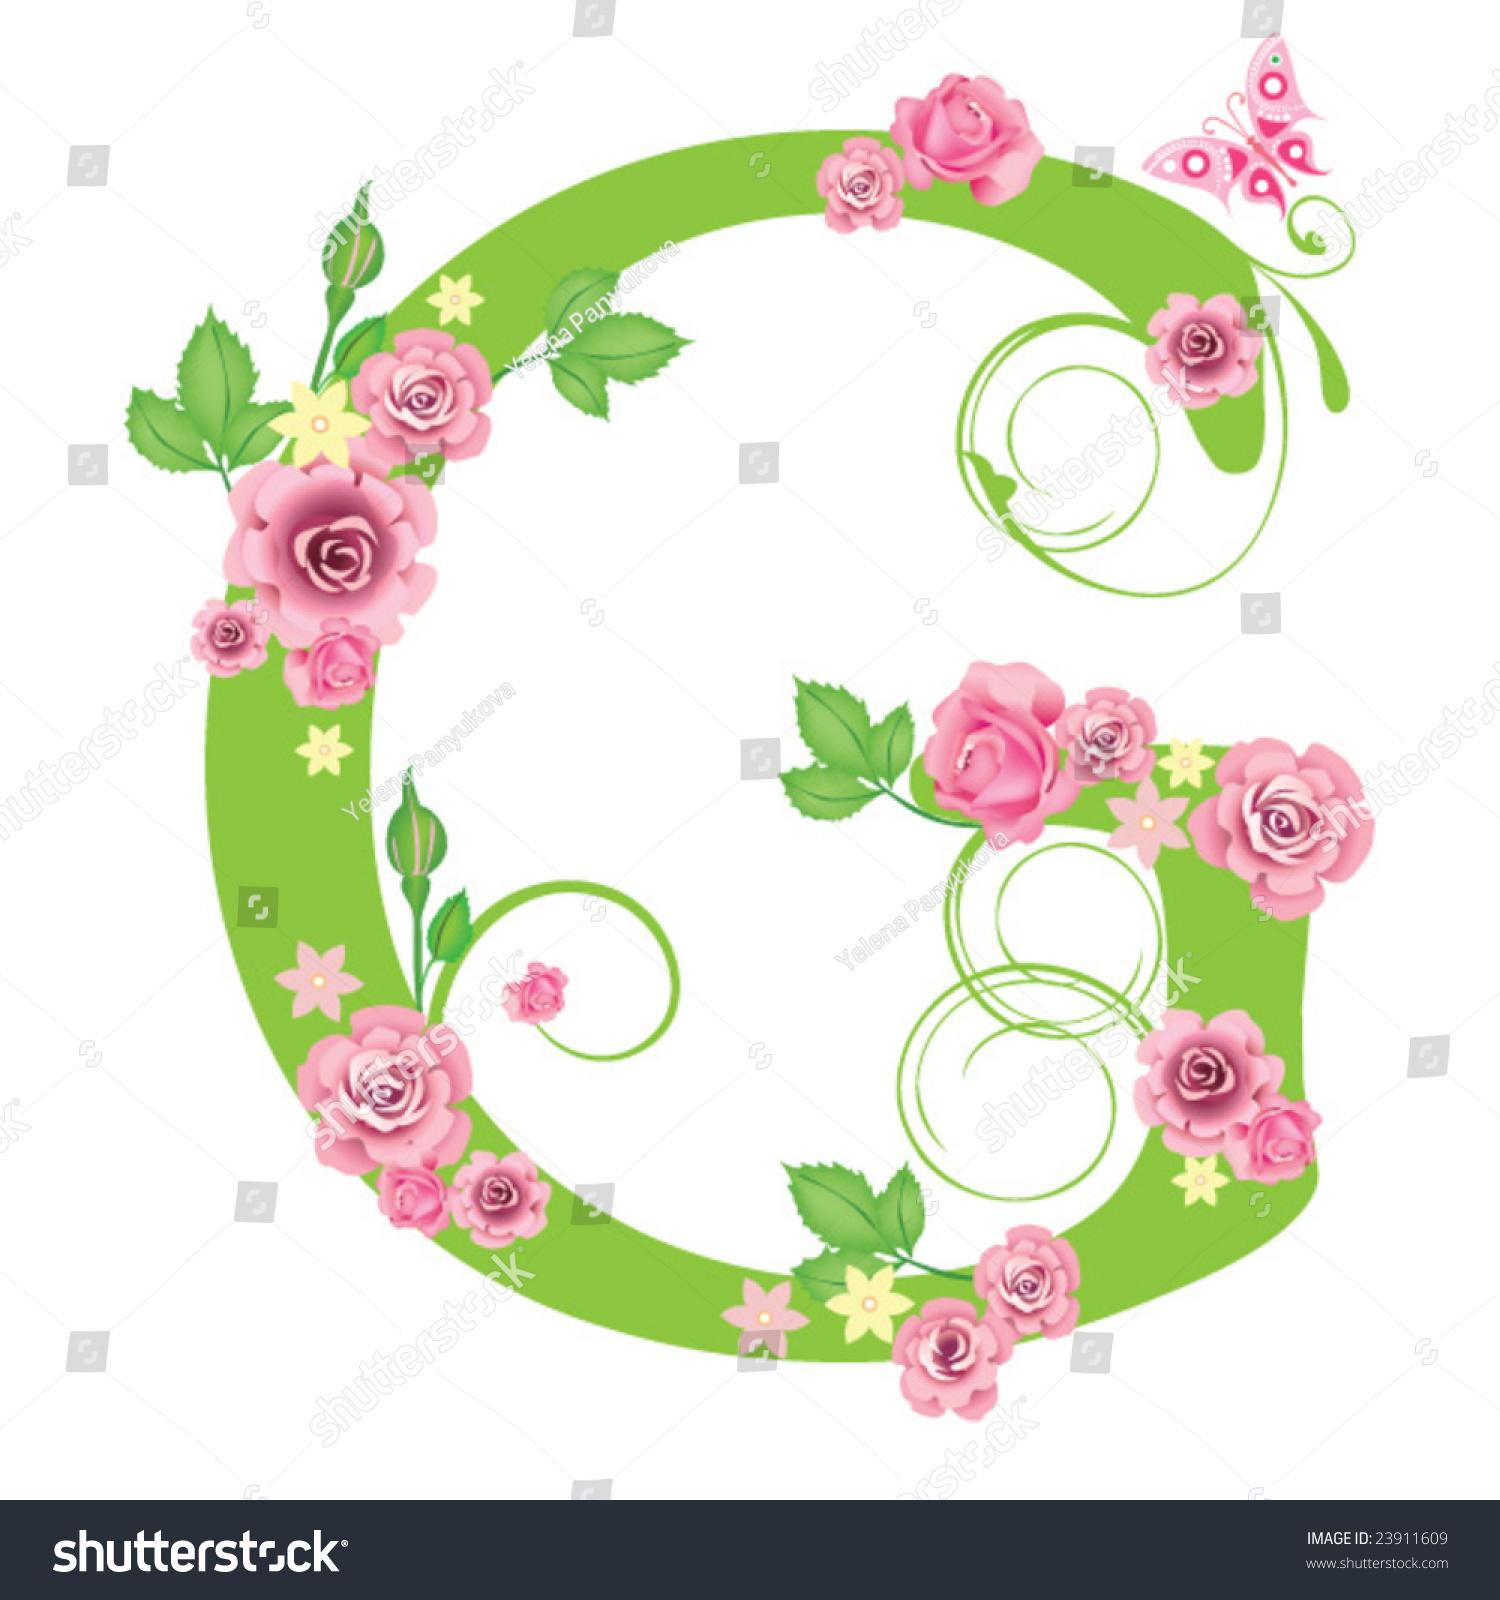 letter g roses design stock vector 23911609 shutterstock